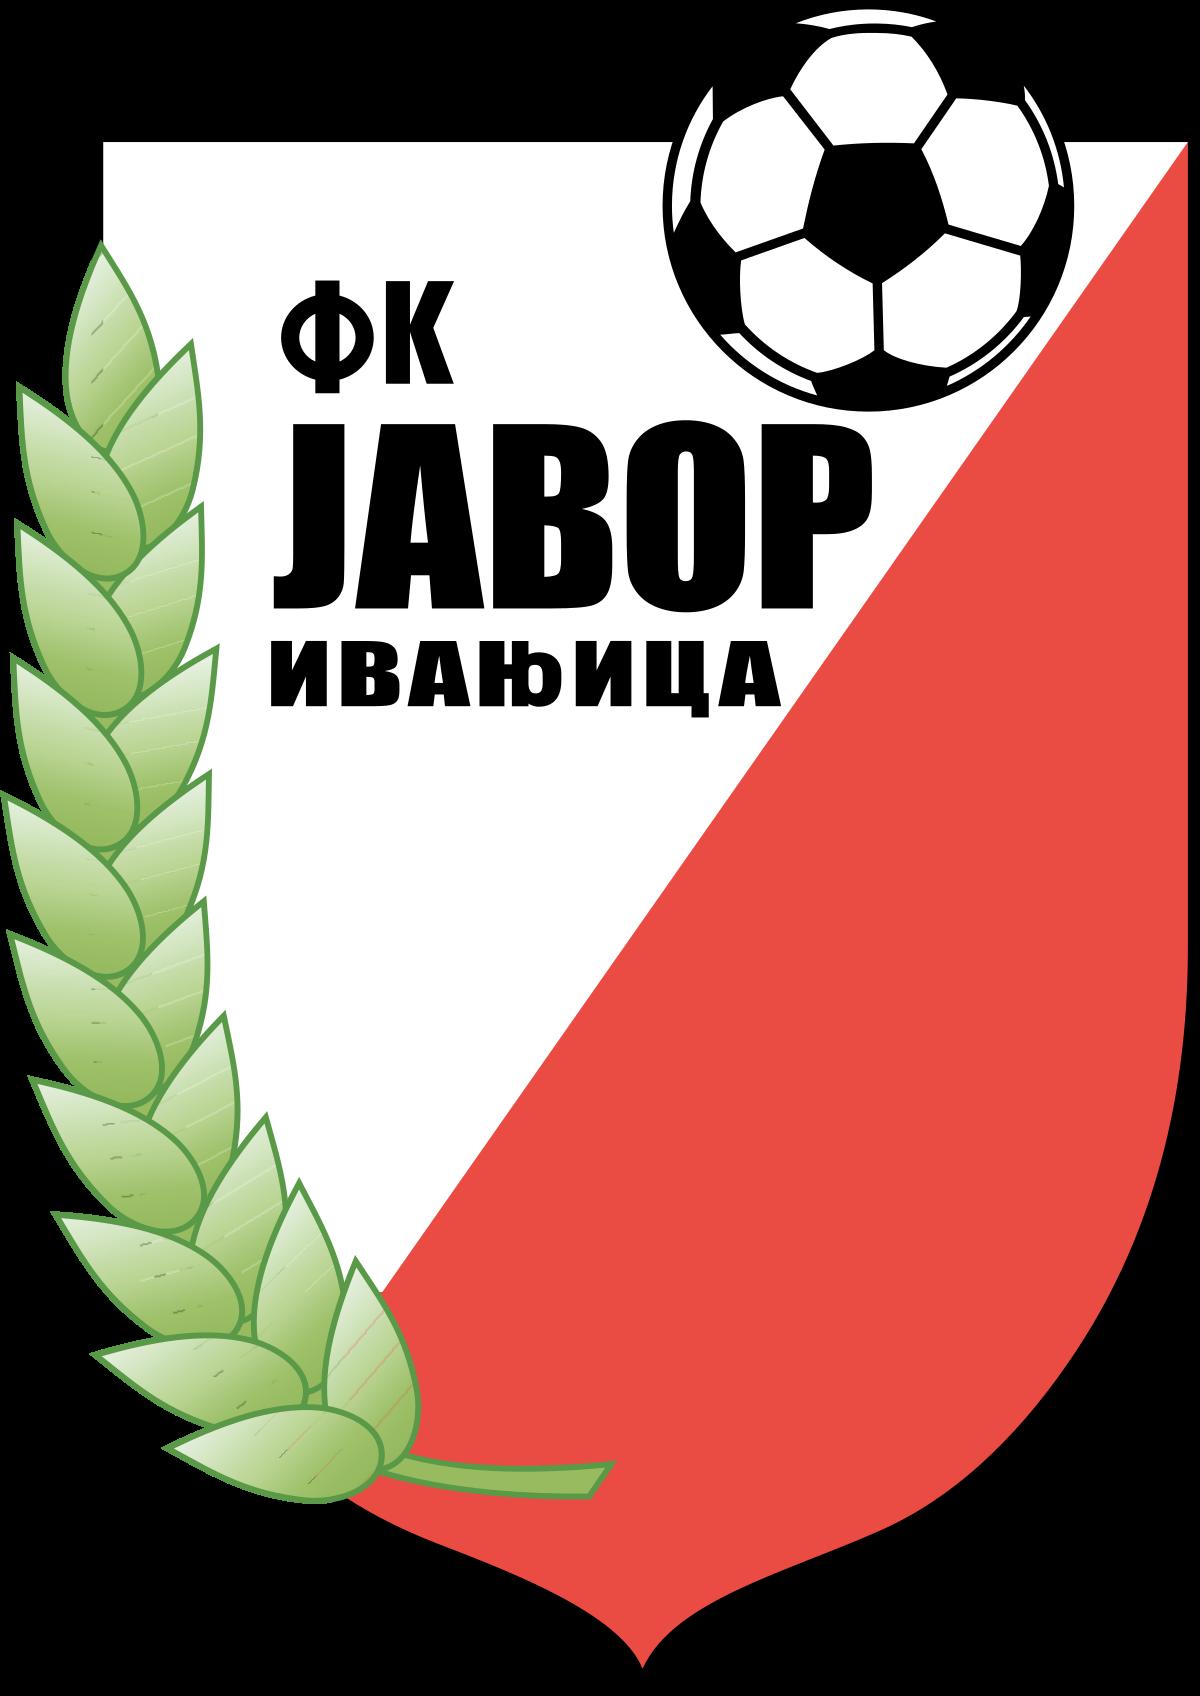 嘉沃伊万基卡